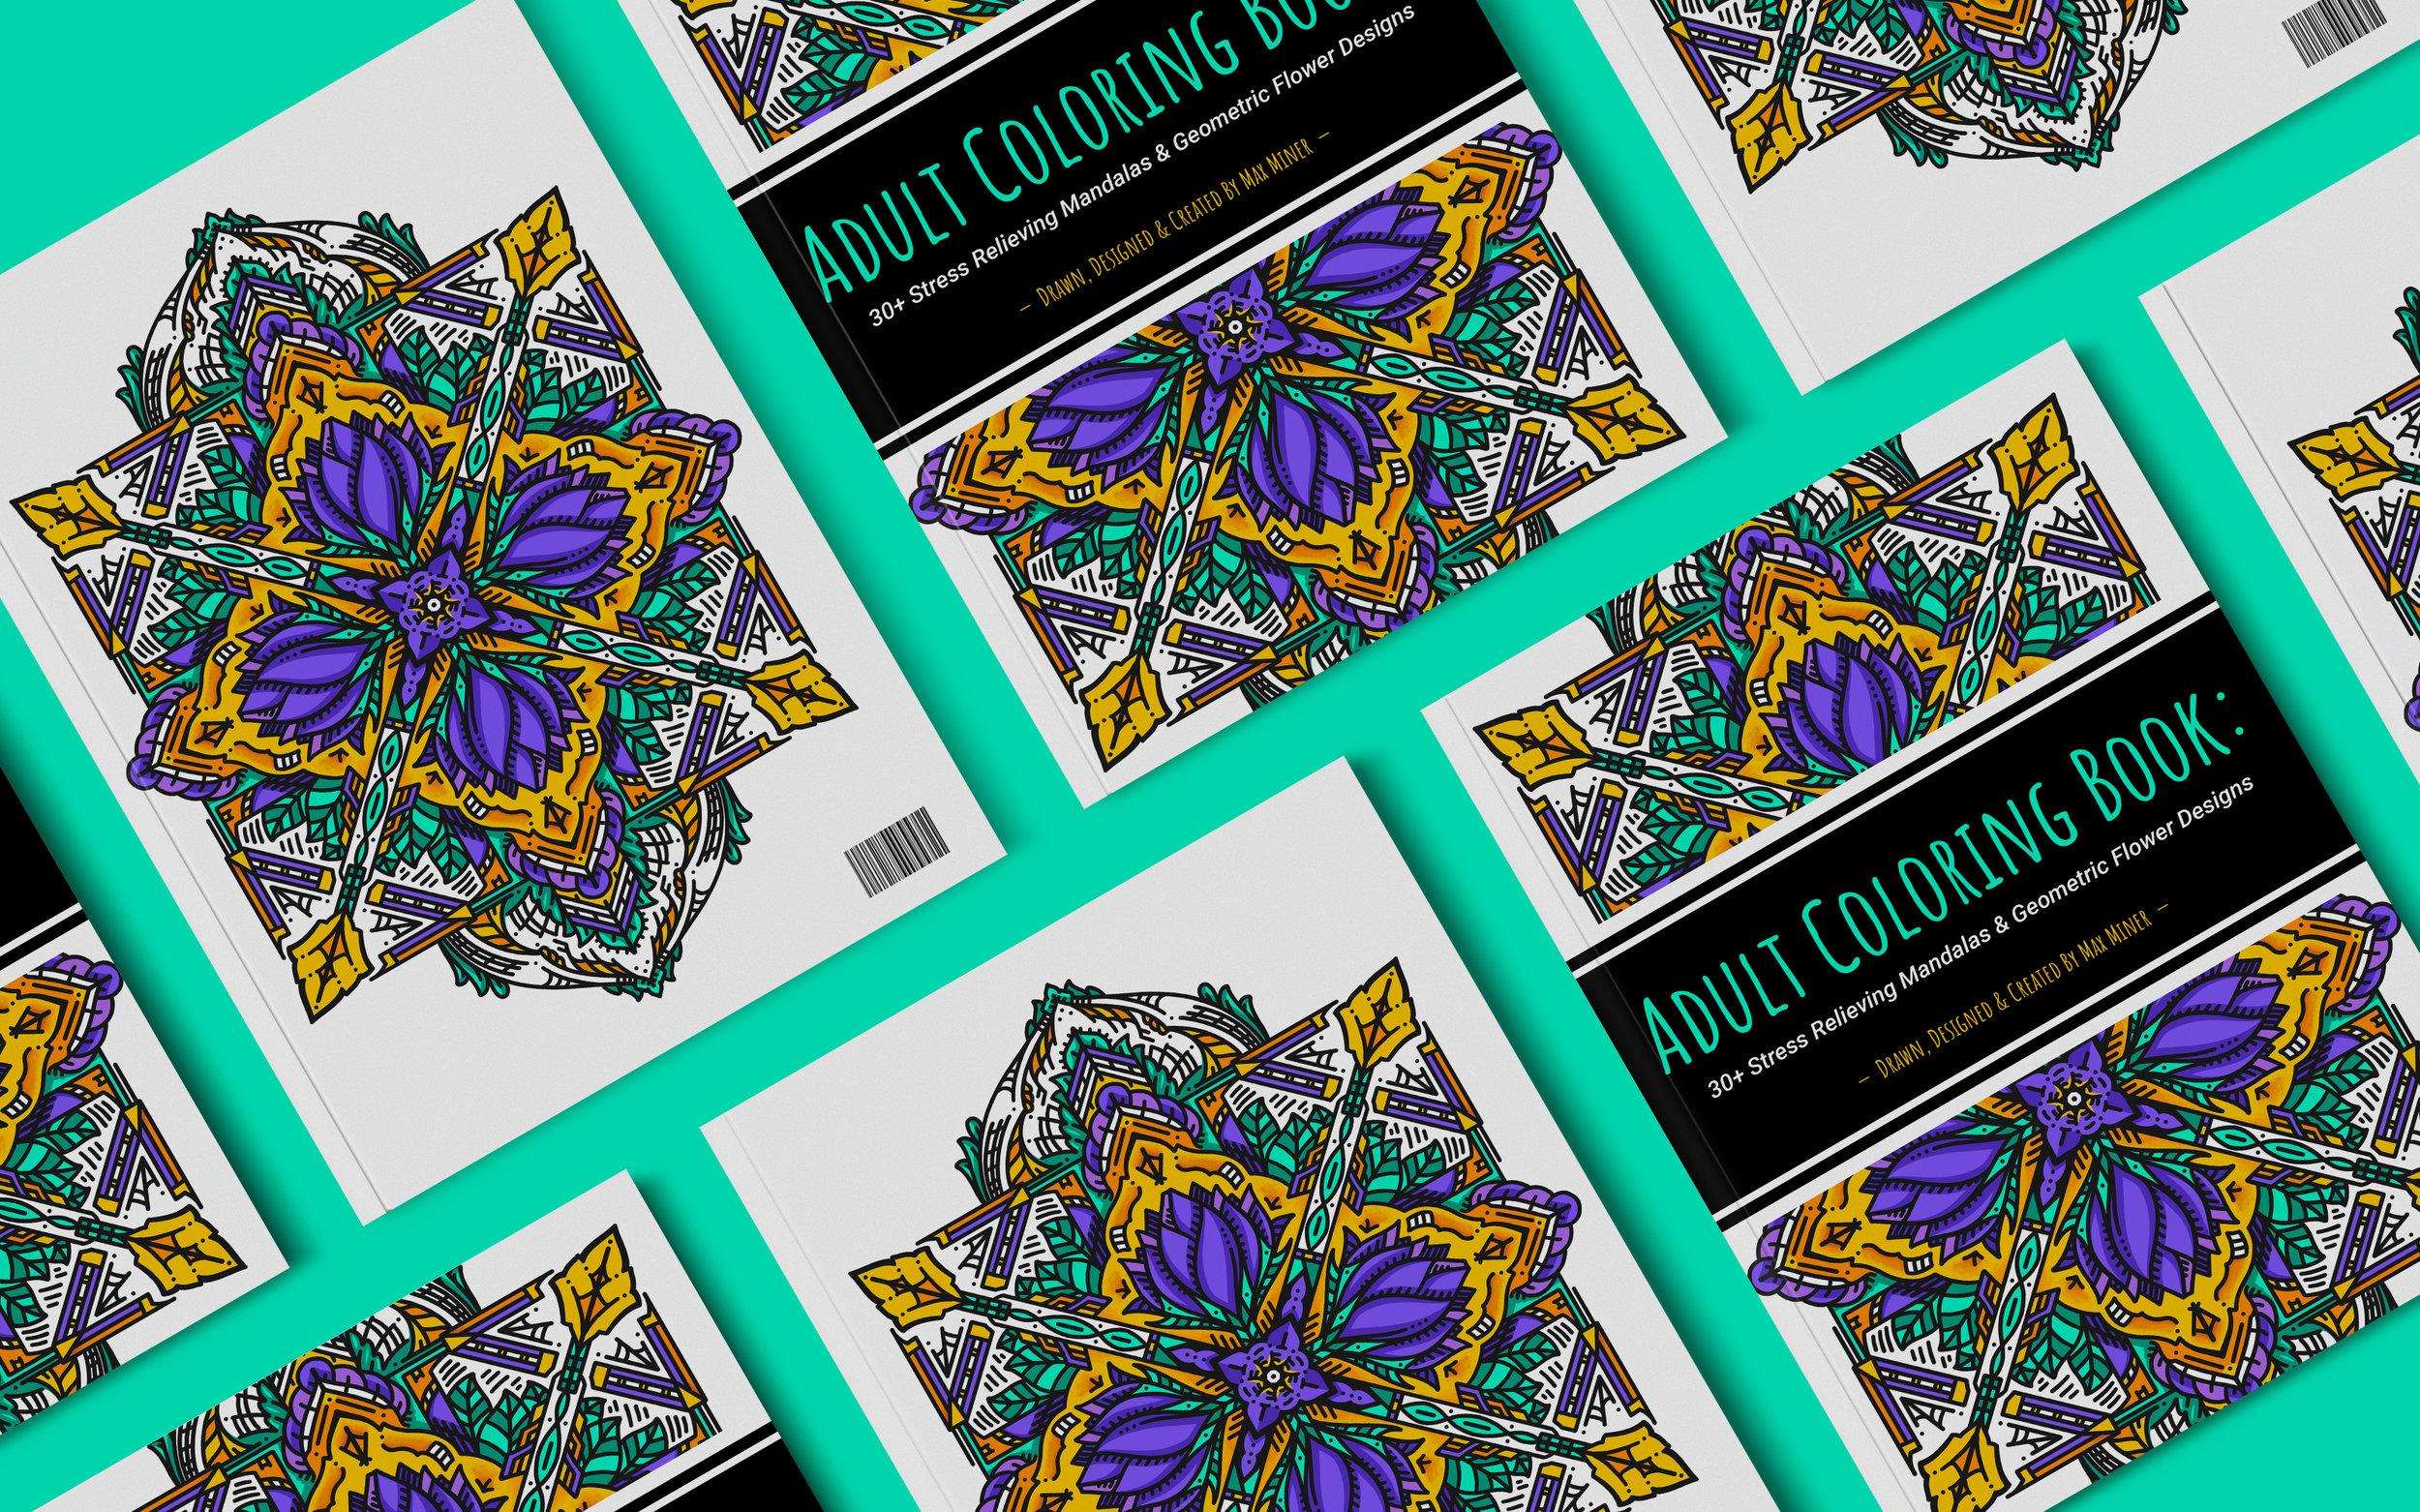 mx-coloringbook-v1-showcase-1.3.jpg